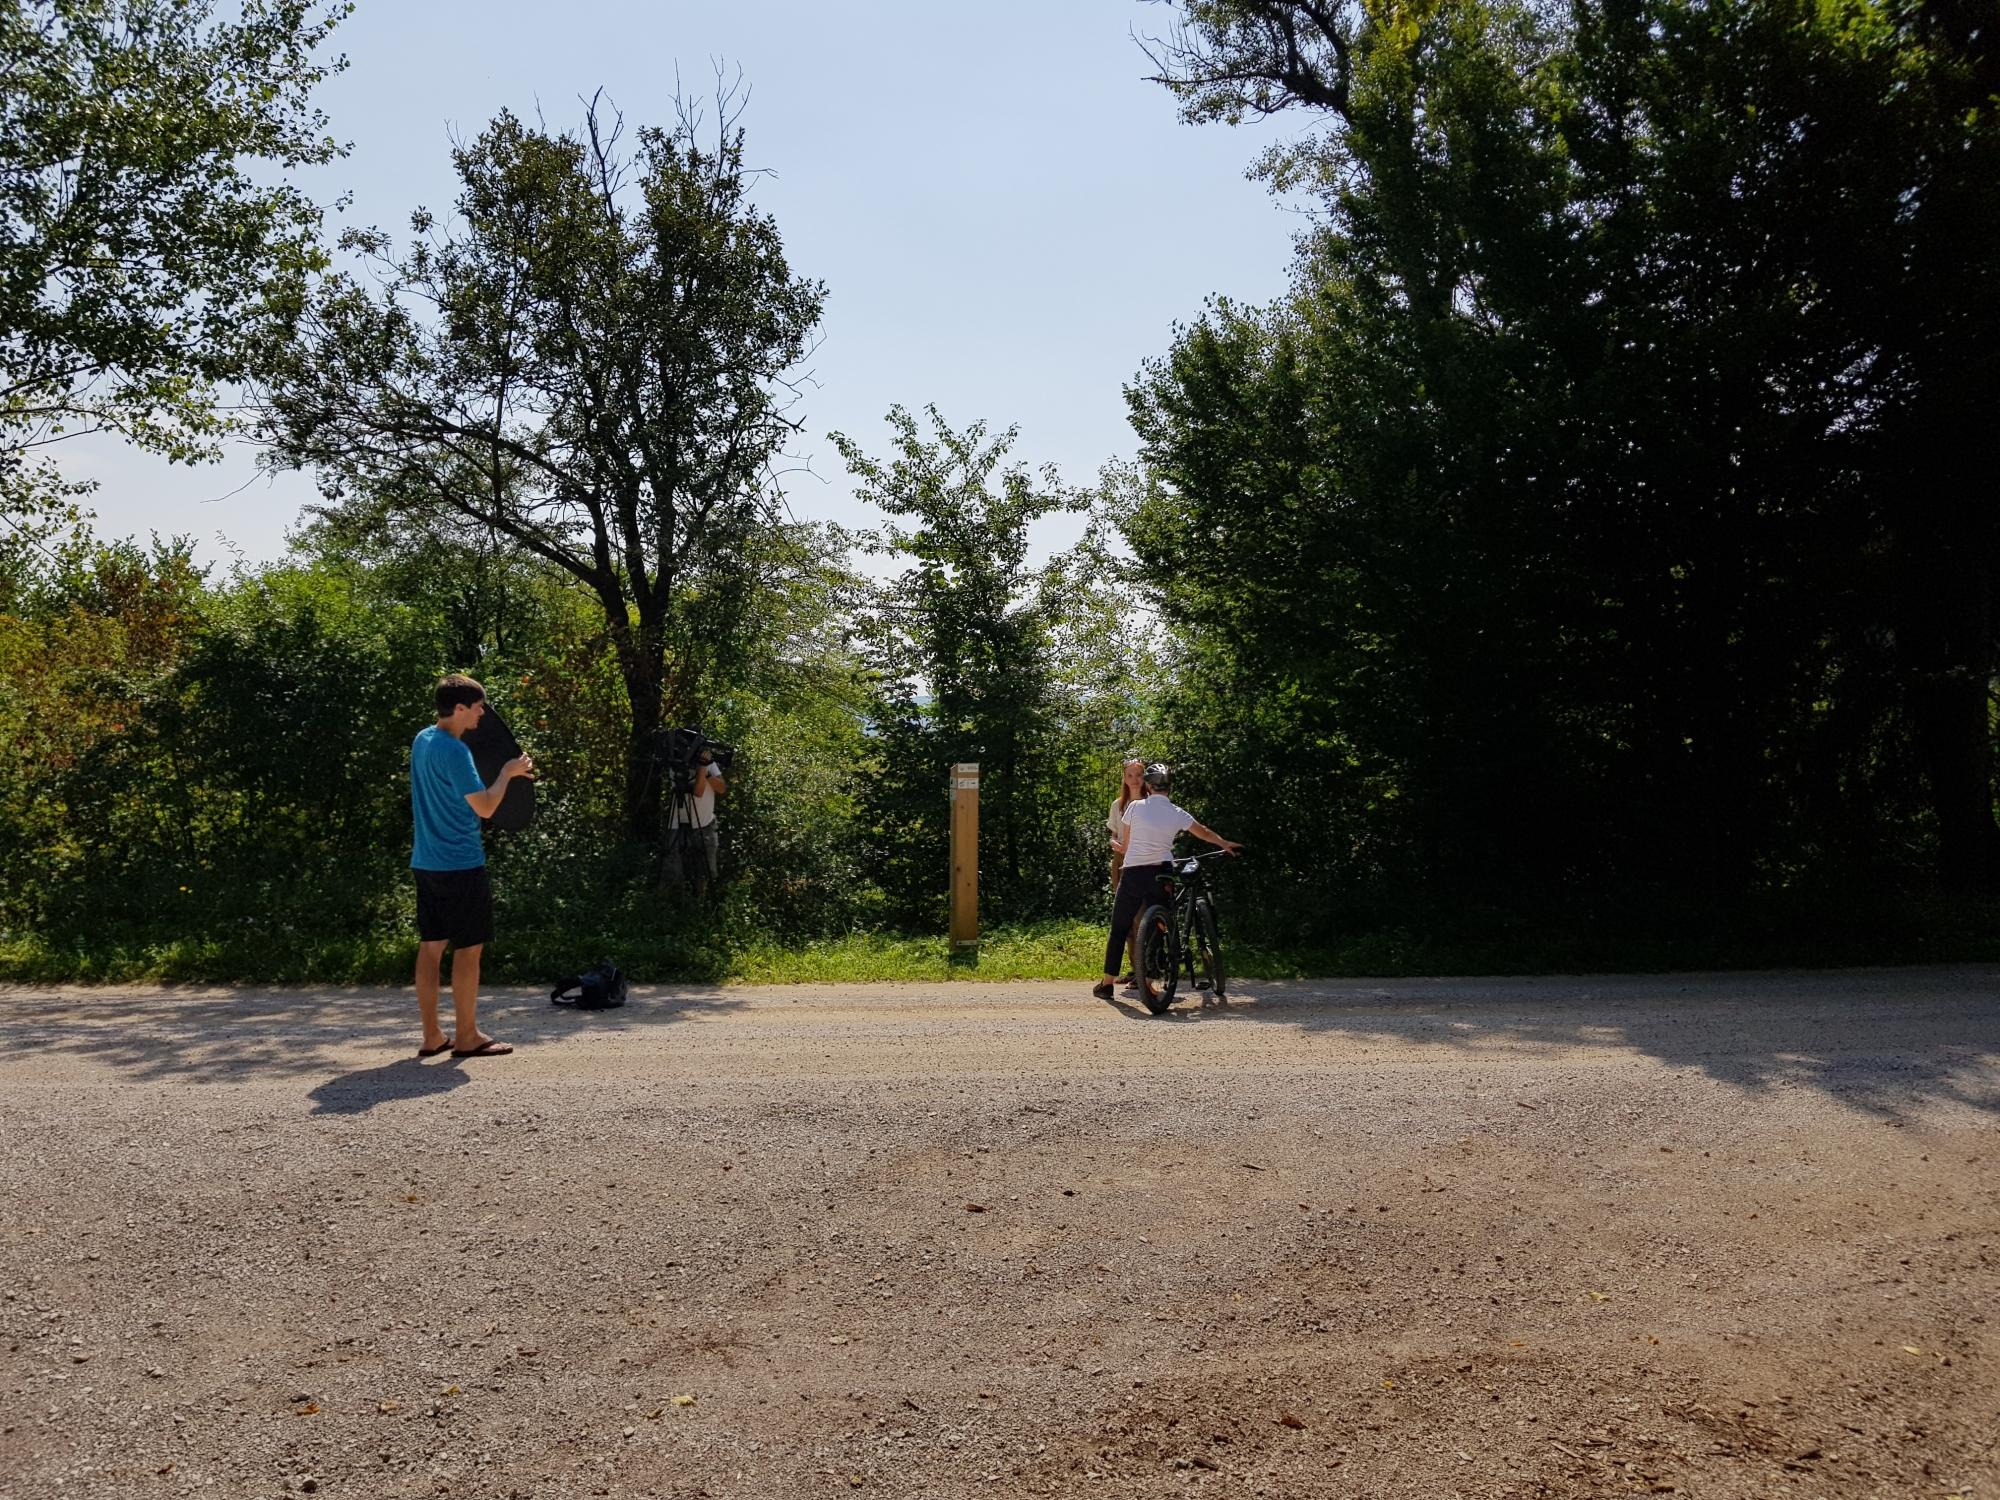 Brez omembe naših kolesarskih poti preprosto ne gre